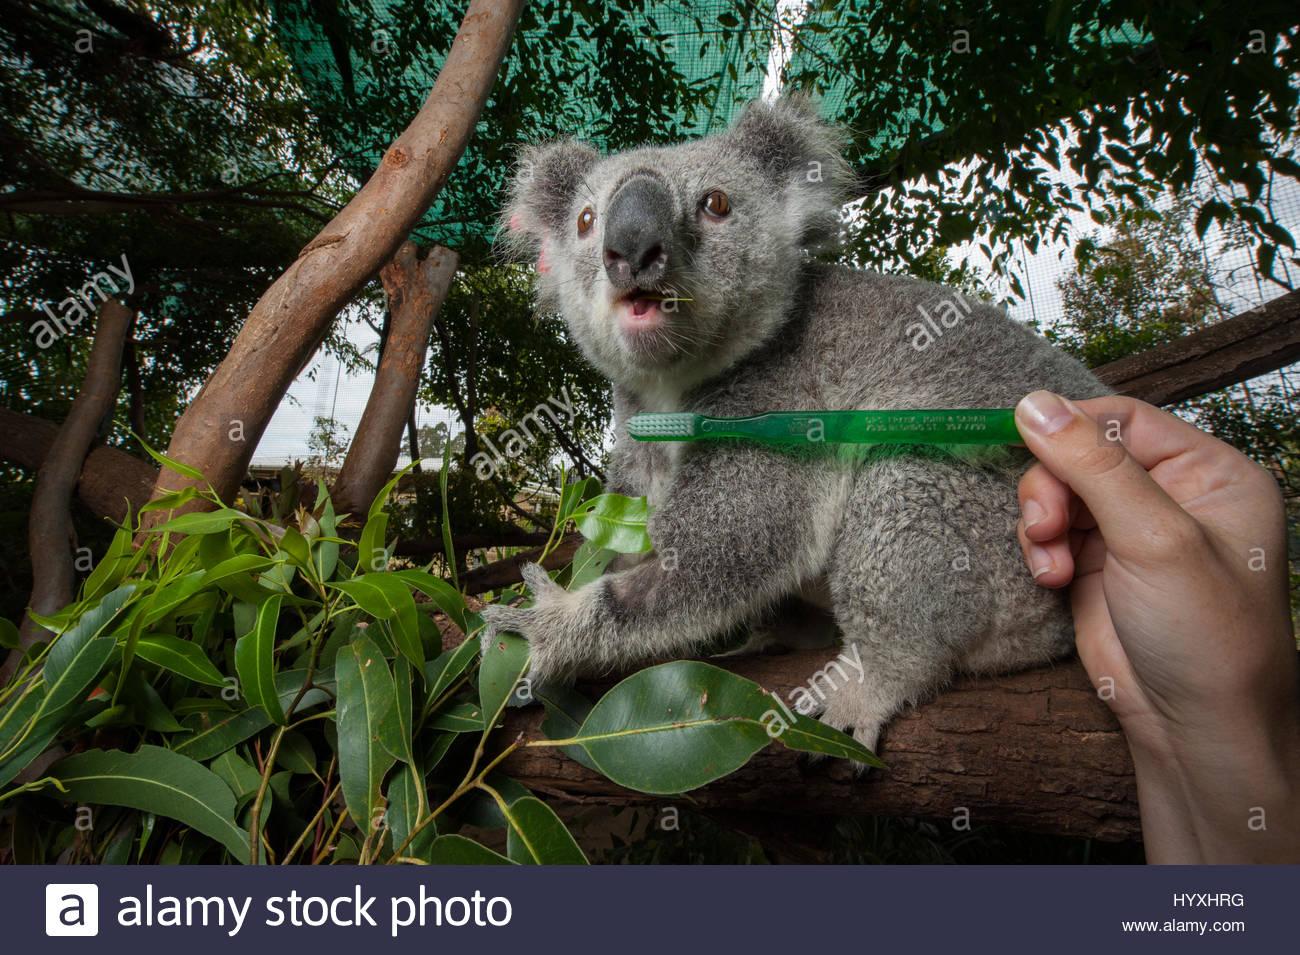 Un cepillo de dientes, se mantiene junto a un koala, Phascolarctos cinereus, al zoo de Australia Wildlife Hospital. Imagen De Stock